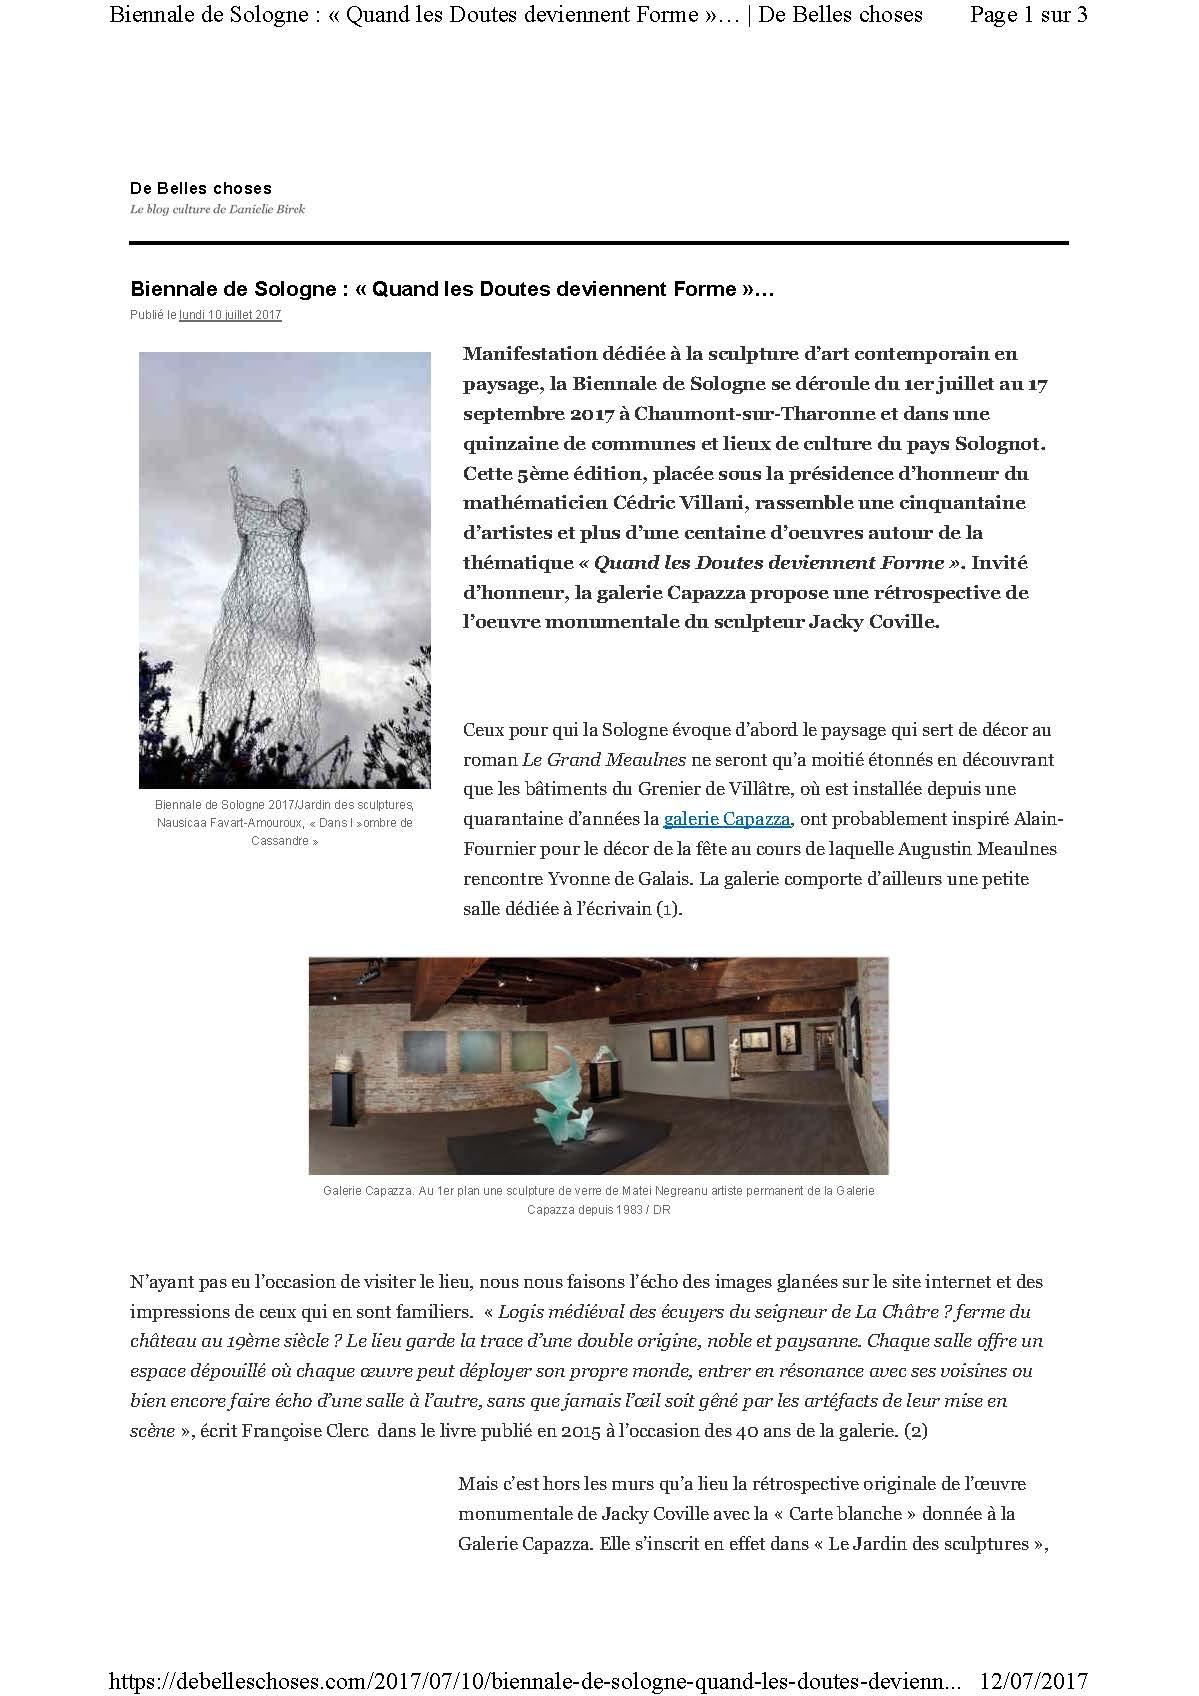 2017-07-10 biennale-de-sologne-quand_Page_1.jpg